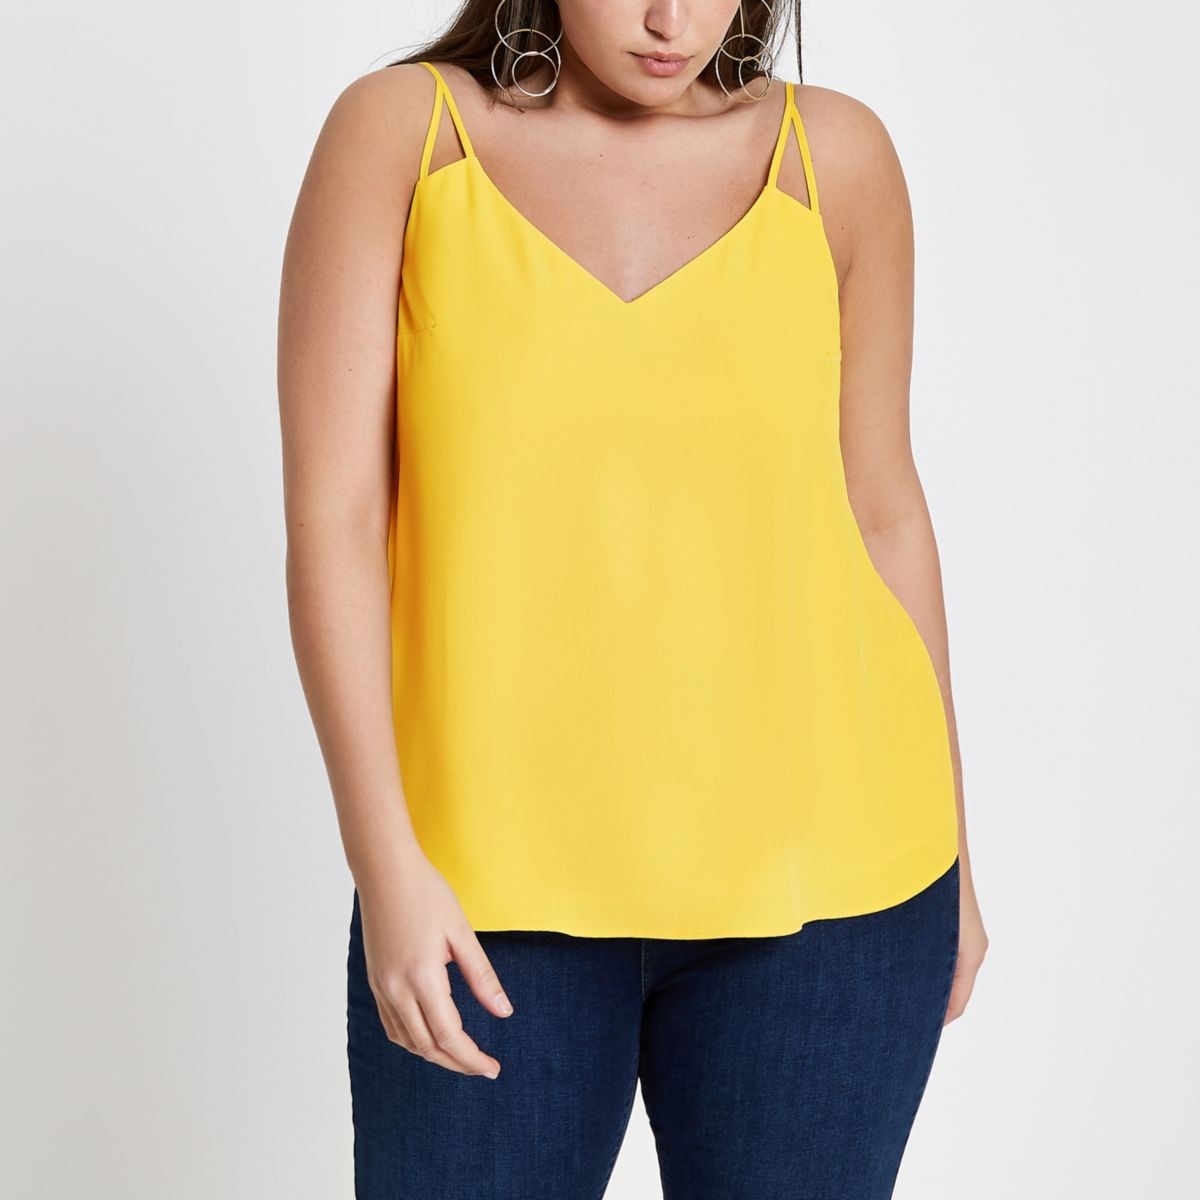 Plus yellow split strap cami top